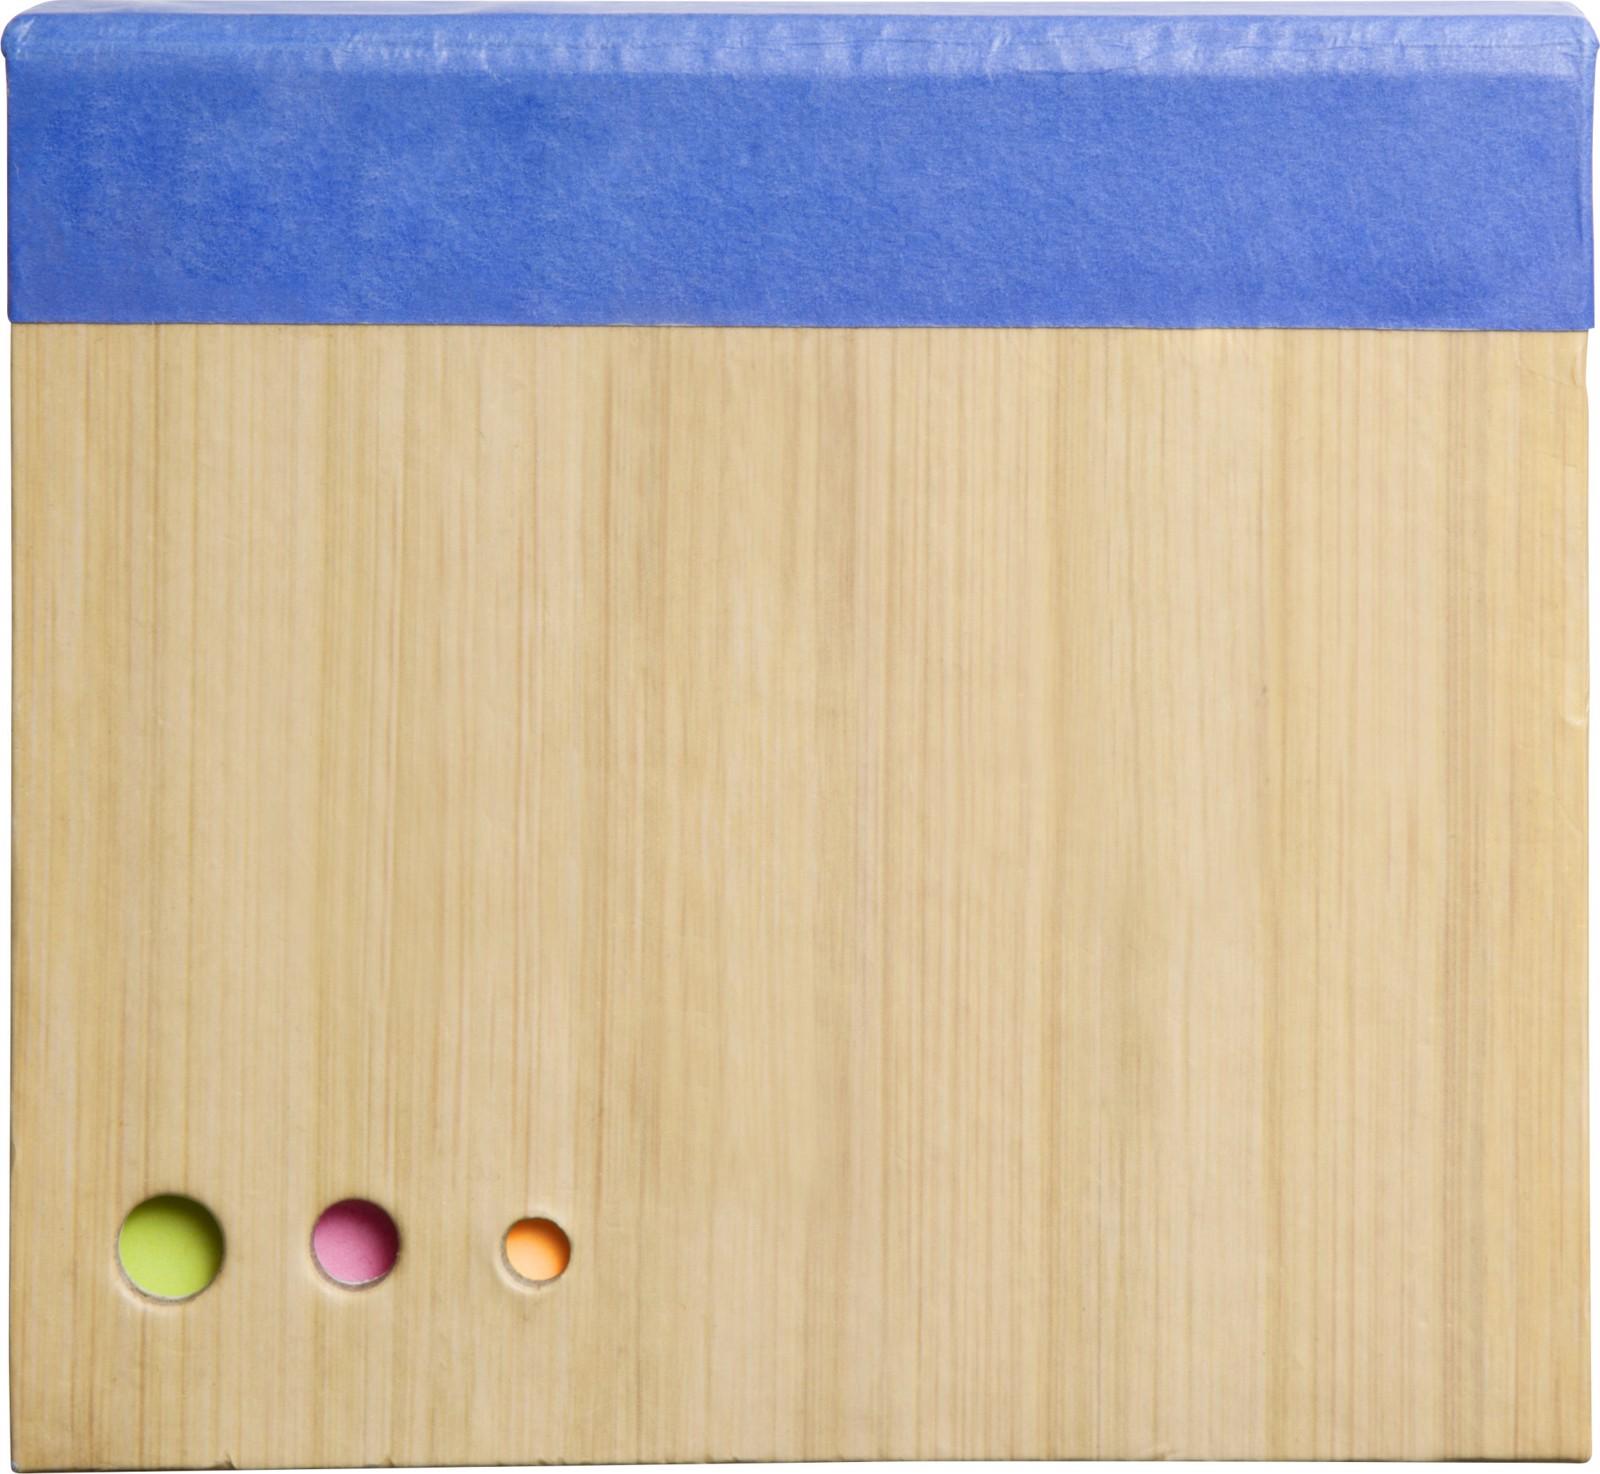 Paper memo block - Cobalt Blue